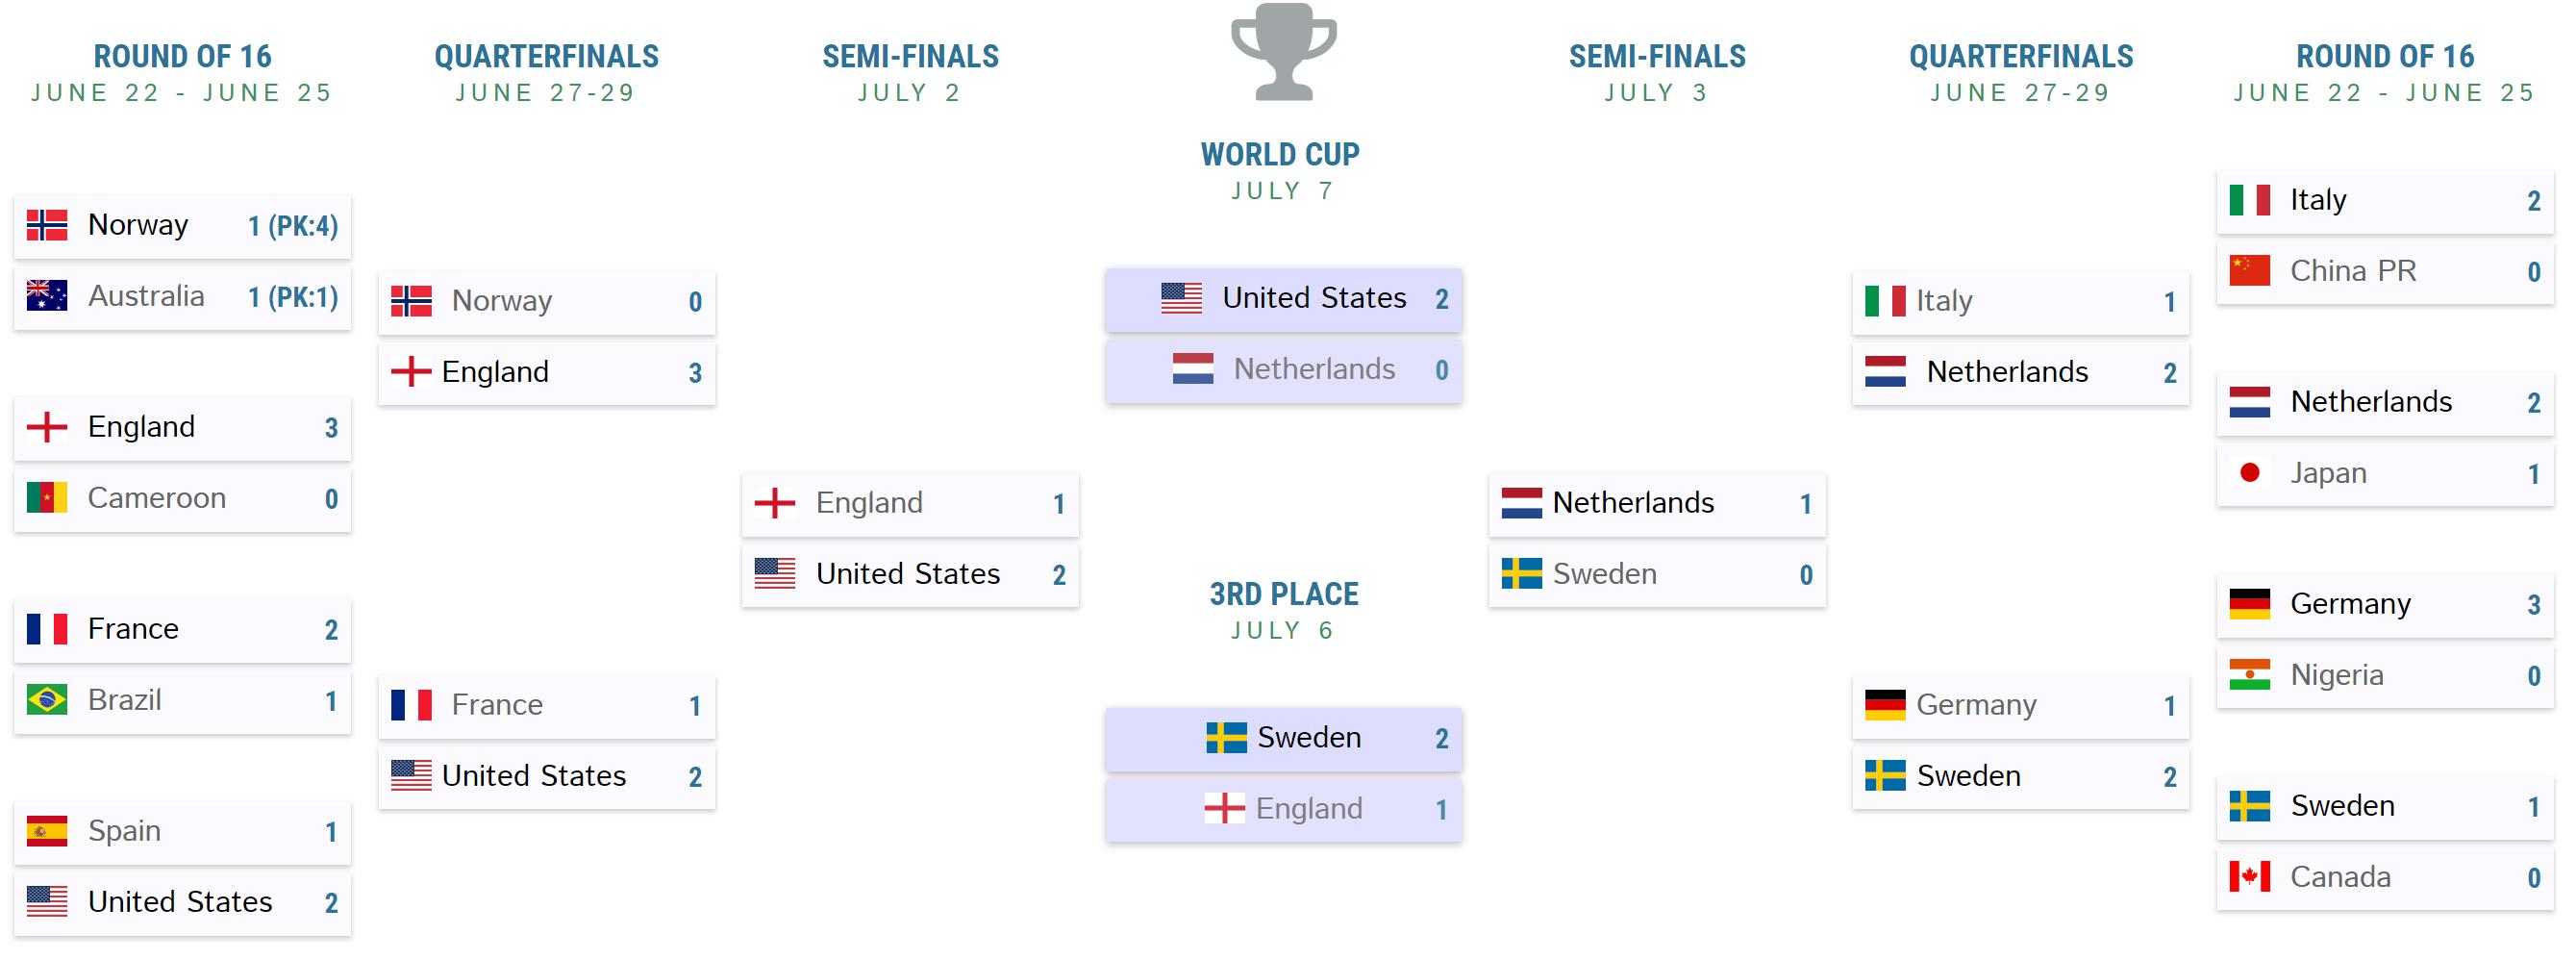 womens-world-cup-final-bracket.png